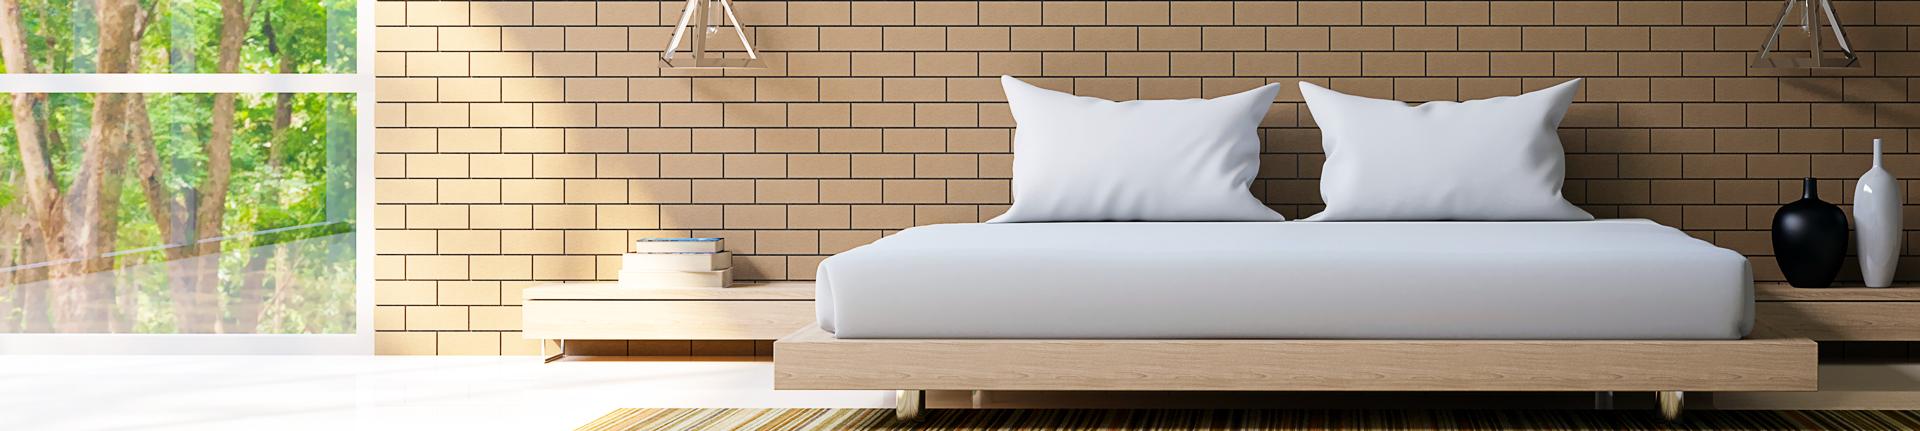 Decoração zen para inspirar o estilo da sua casa